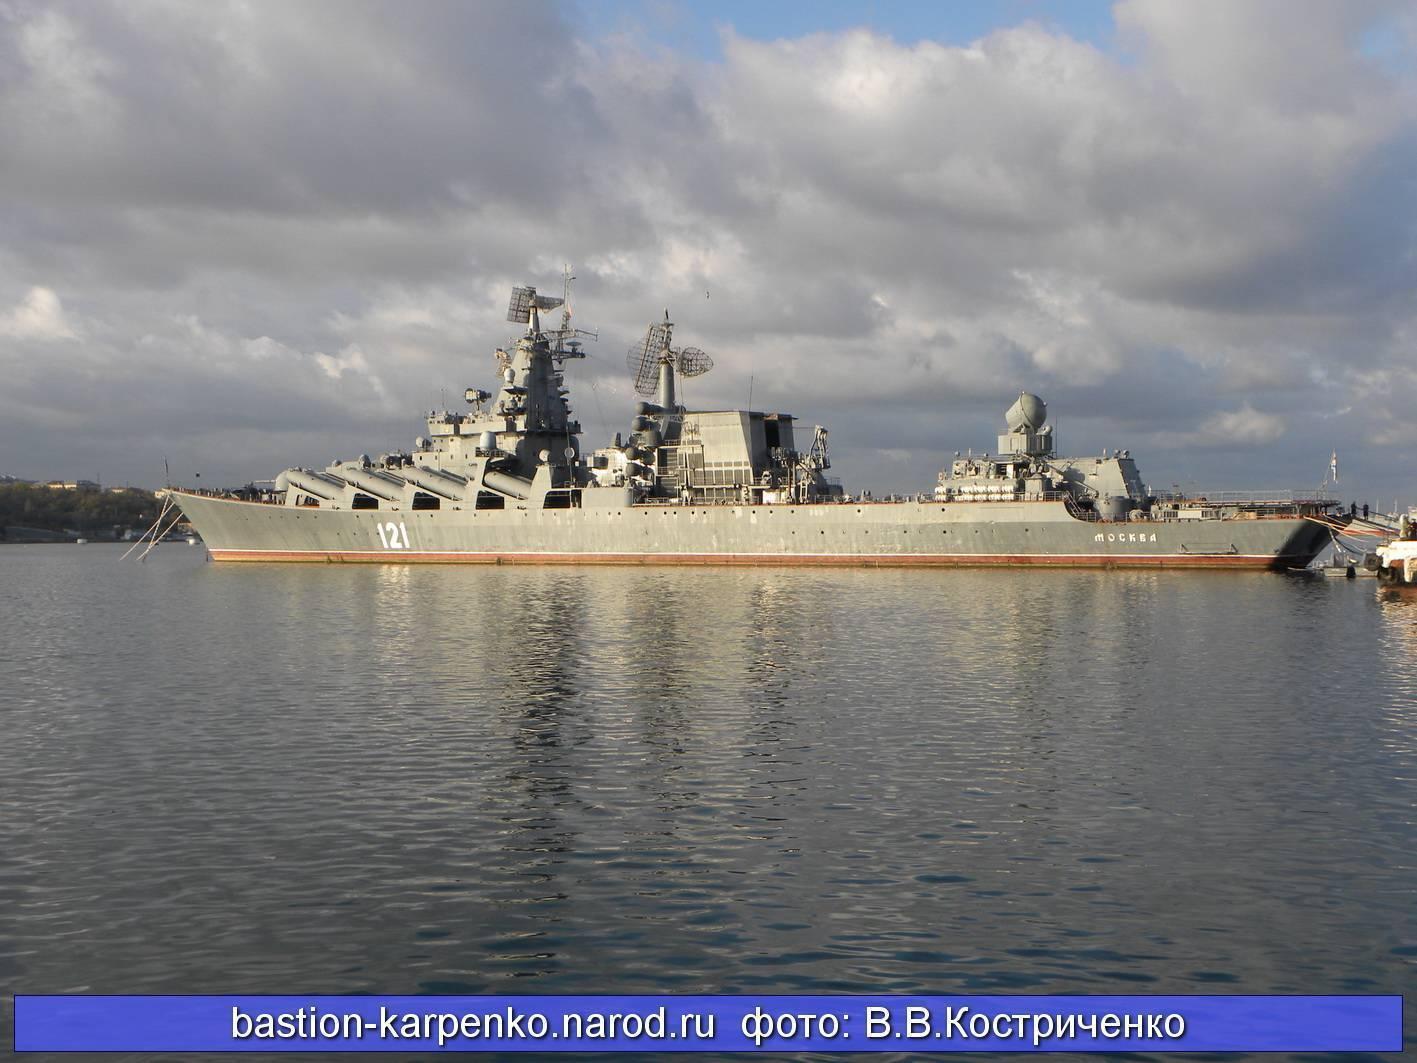 Ракетный крейсер «Маршал Устинов» – «Атлант» Северного флота